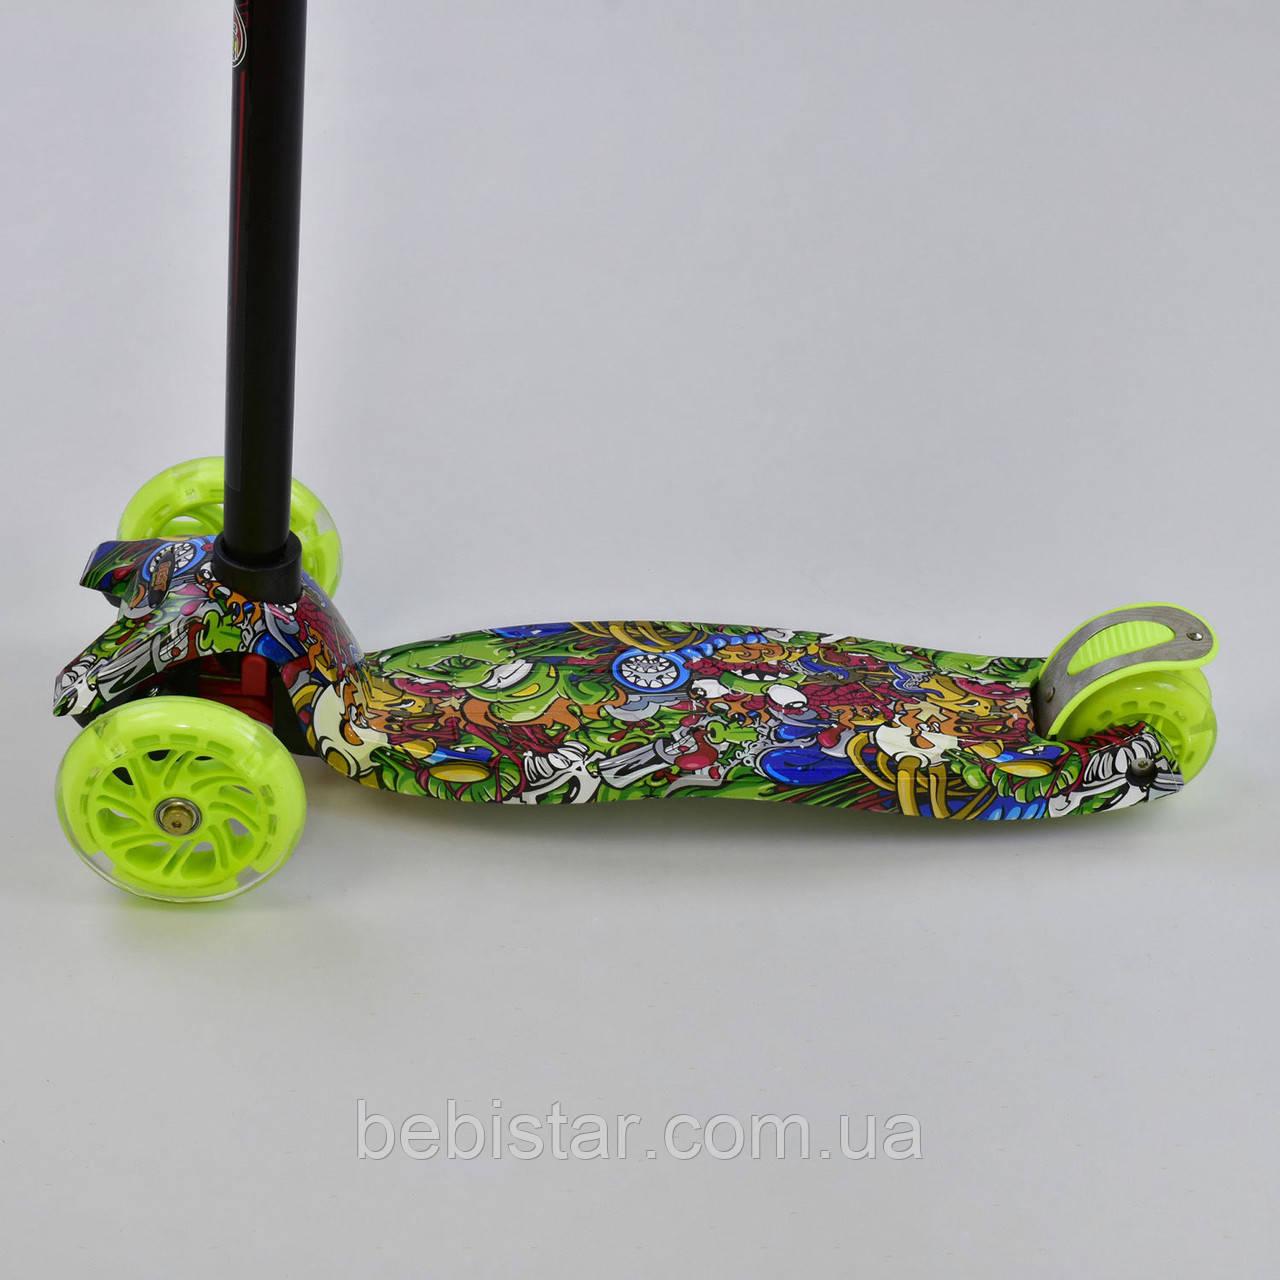 Самокат детский граффити зеленое MAXI Best Scoote со светящимися зелеными колесами от 3 лет